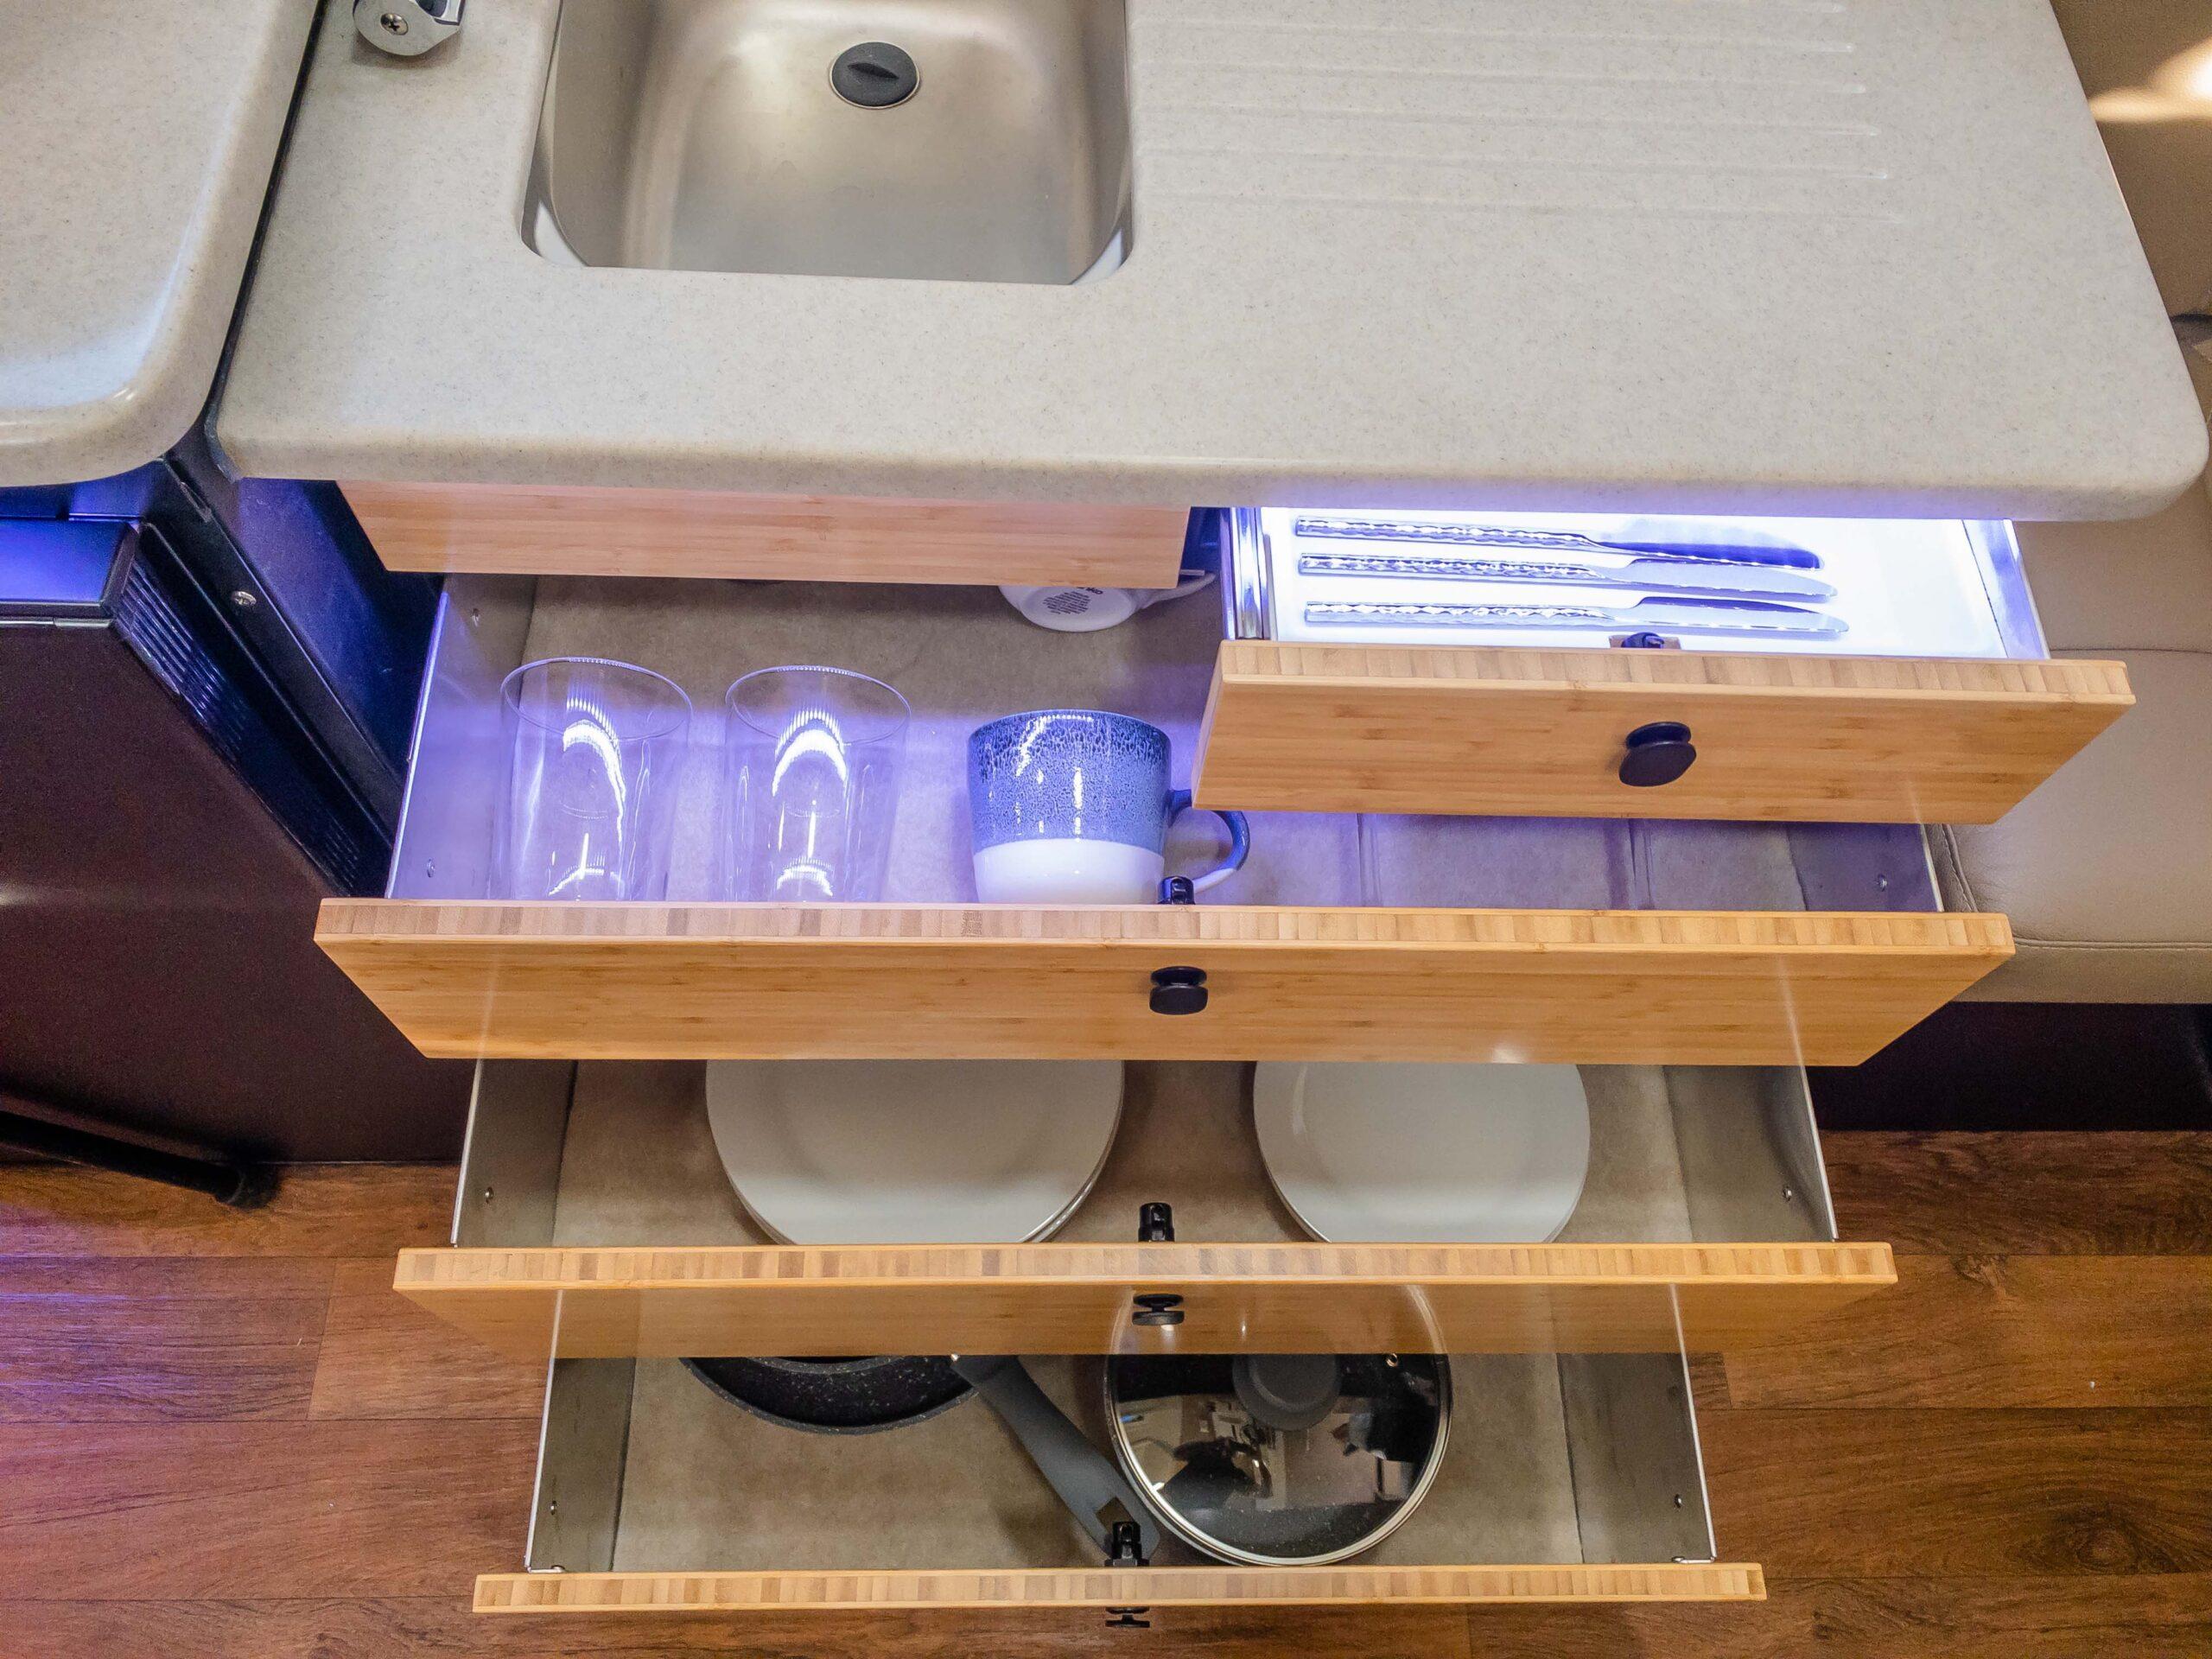 Kimberley Karavan under sink storage drawers